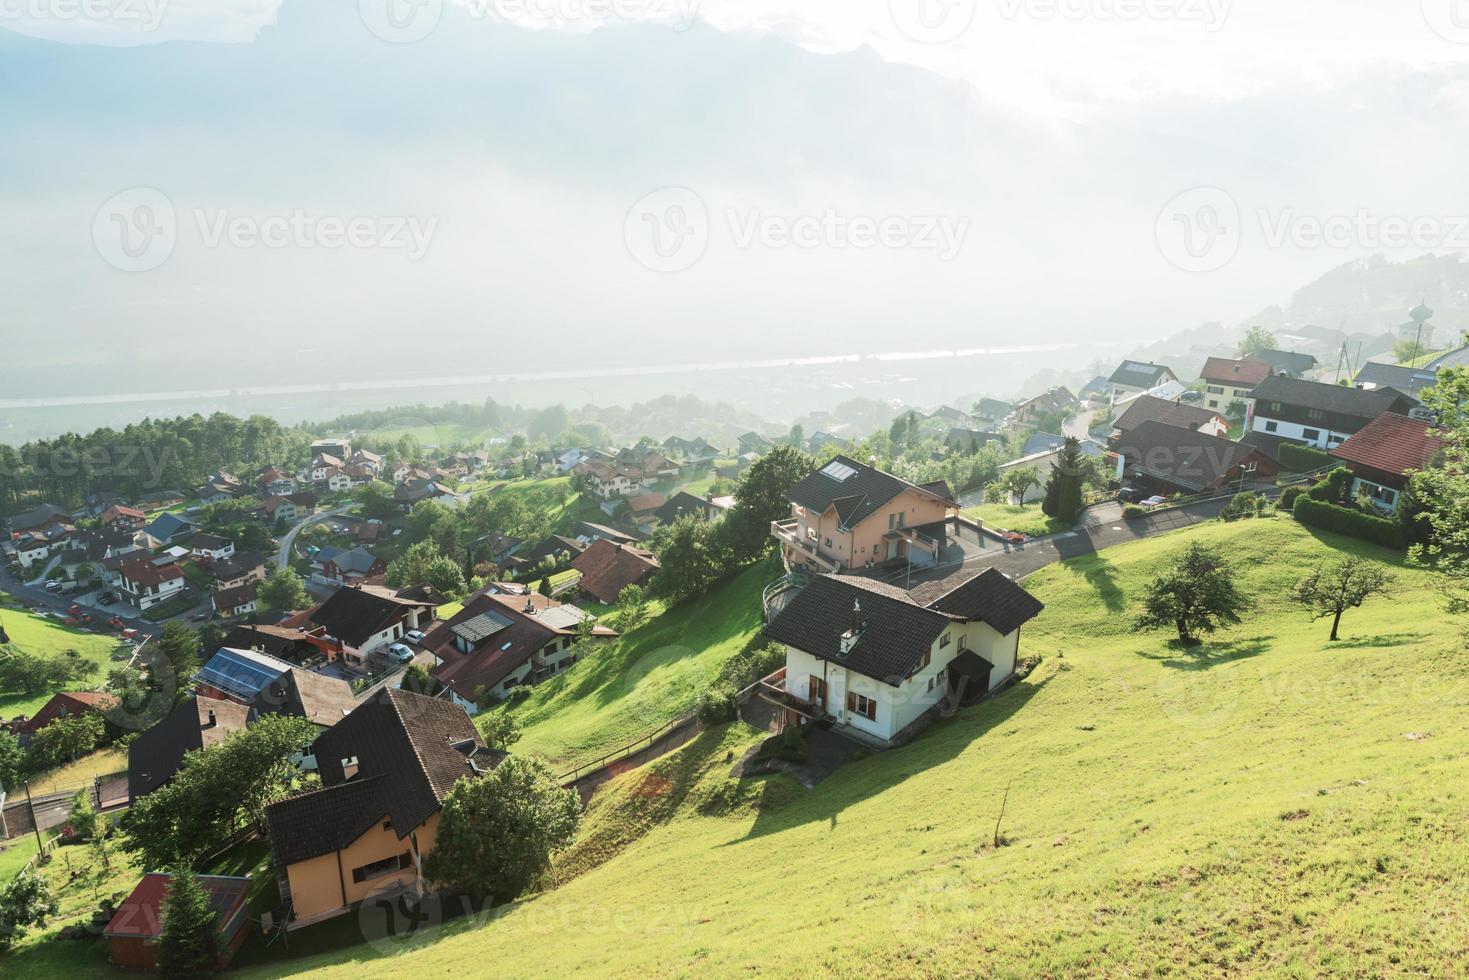 vista das casas em liechinheira foto